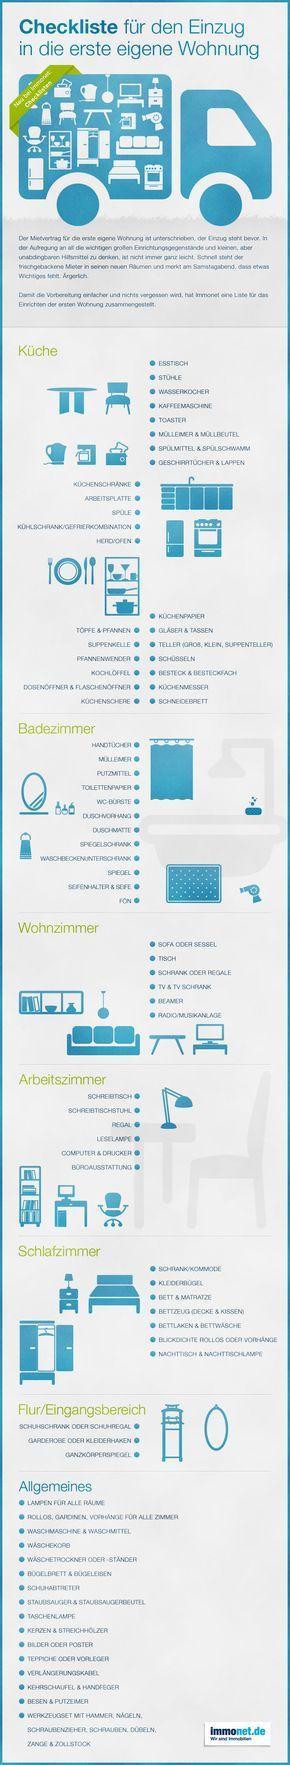 die besten 25 erste wohnung checkliste ideen auf pinterest checkliste f r die erste wohnung. Black Bedroom Furniture Sets. Home Design Ideas